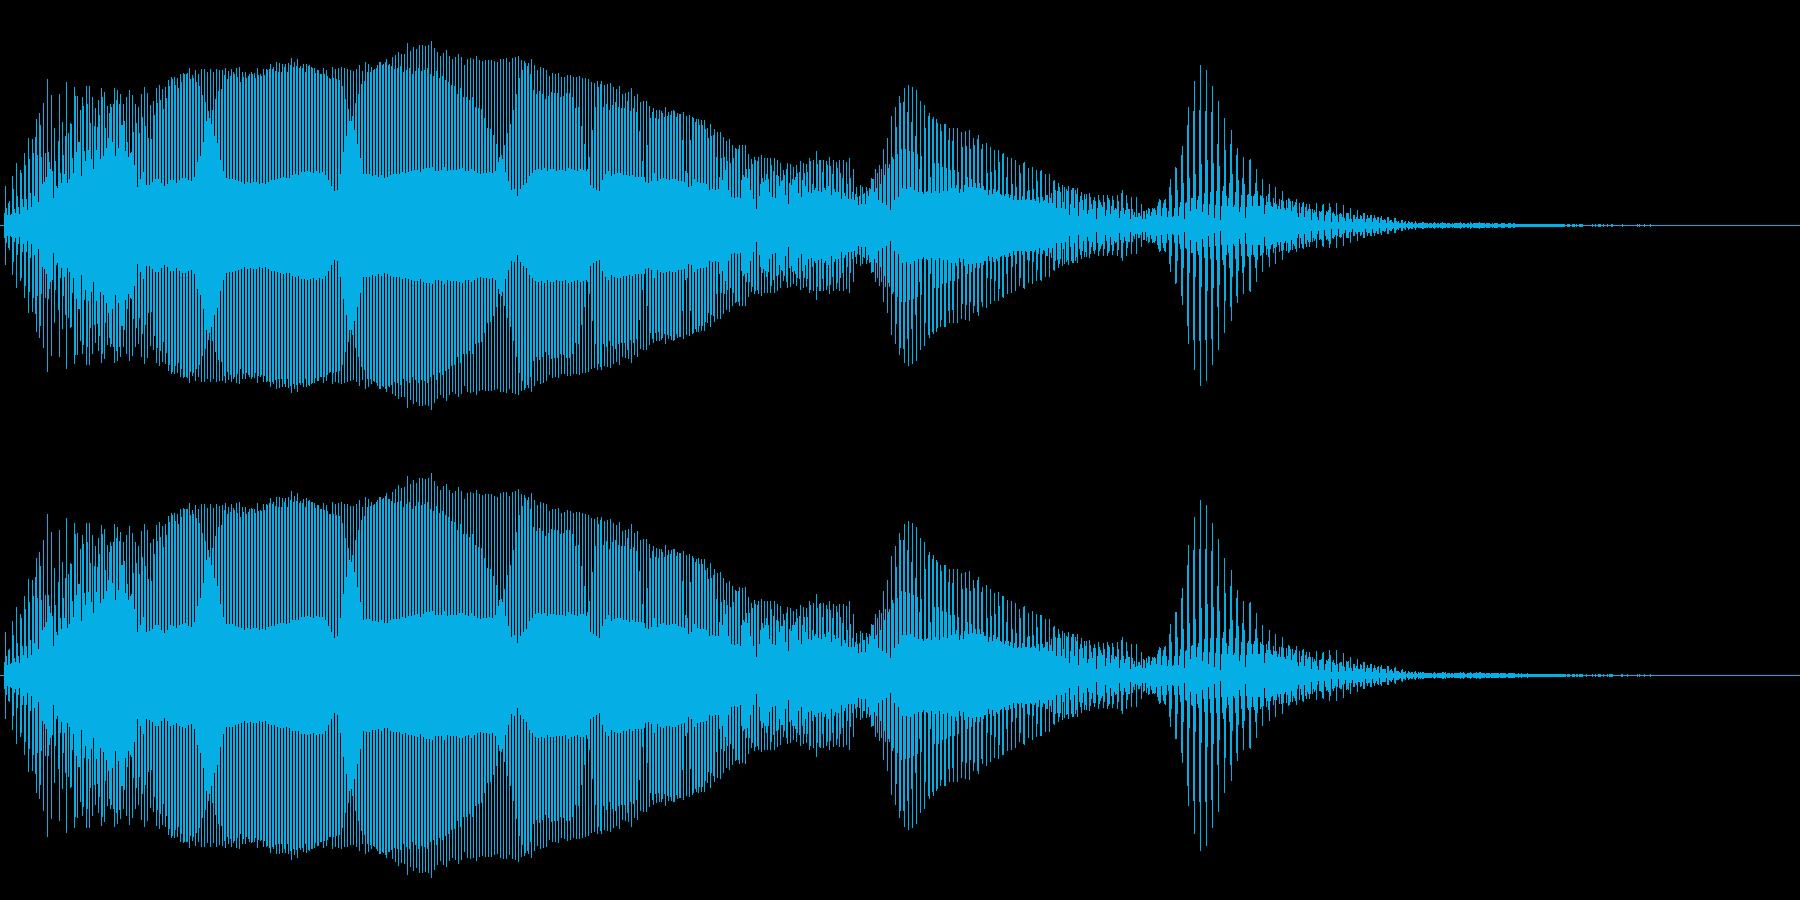 失敗 不正解 残念 トランペットの再生済みの波形